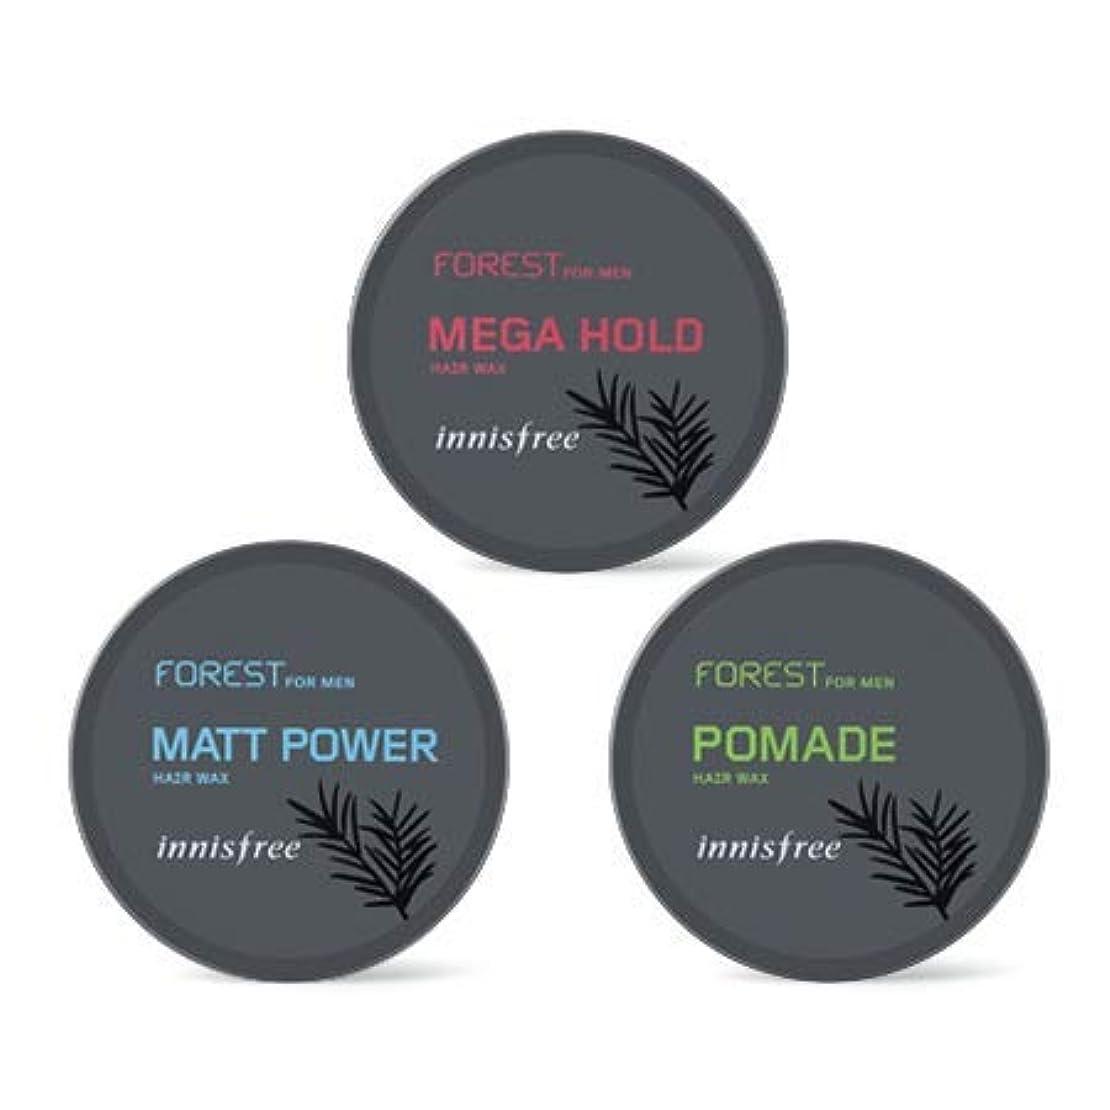 大きい貫入設計図[イニスフリー.INNISFREE](公式)フォレストフォアマンヘアワックス(3種)/ Forest For Men Hair Wax(60G、3 kind) (# mega hold)